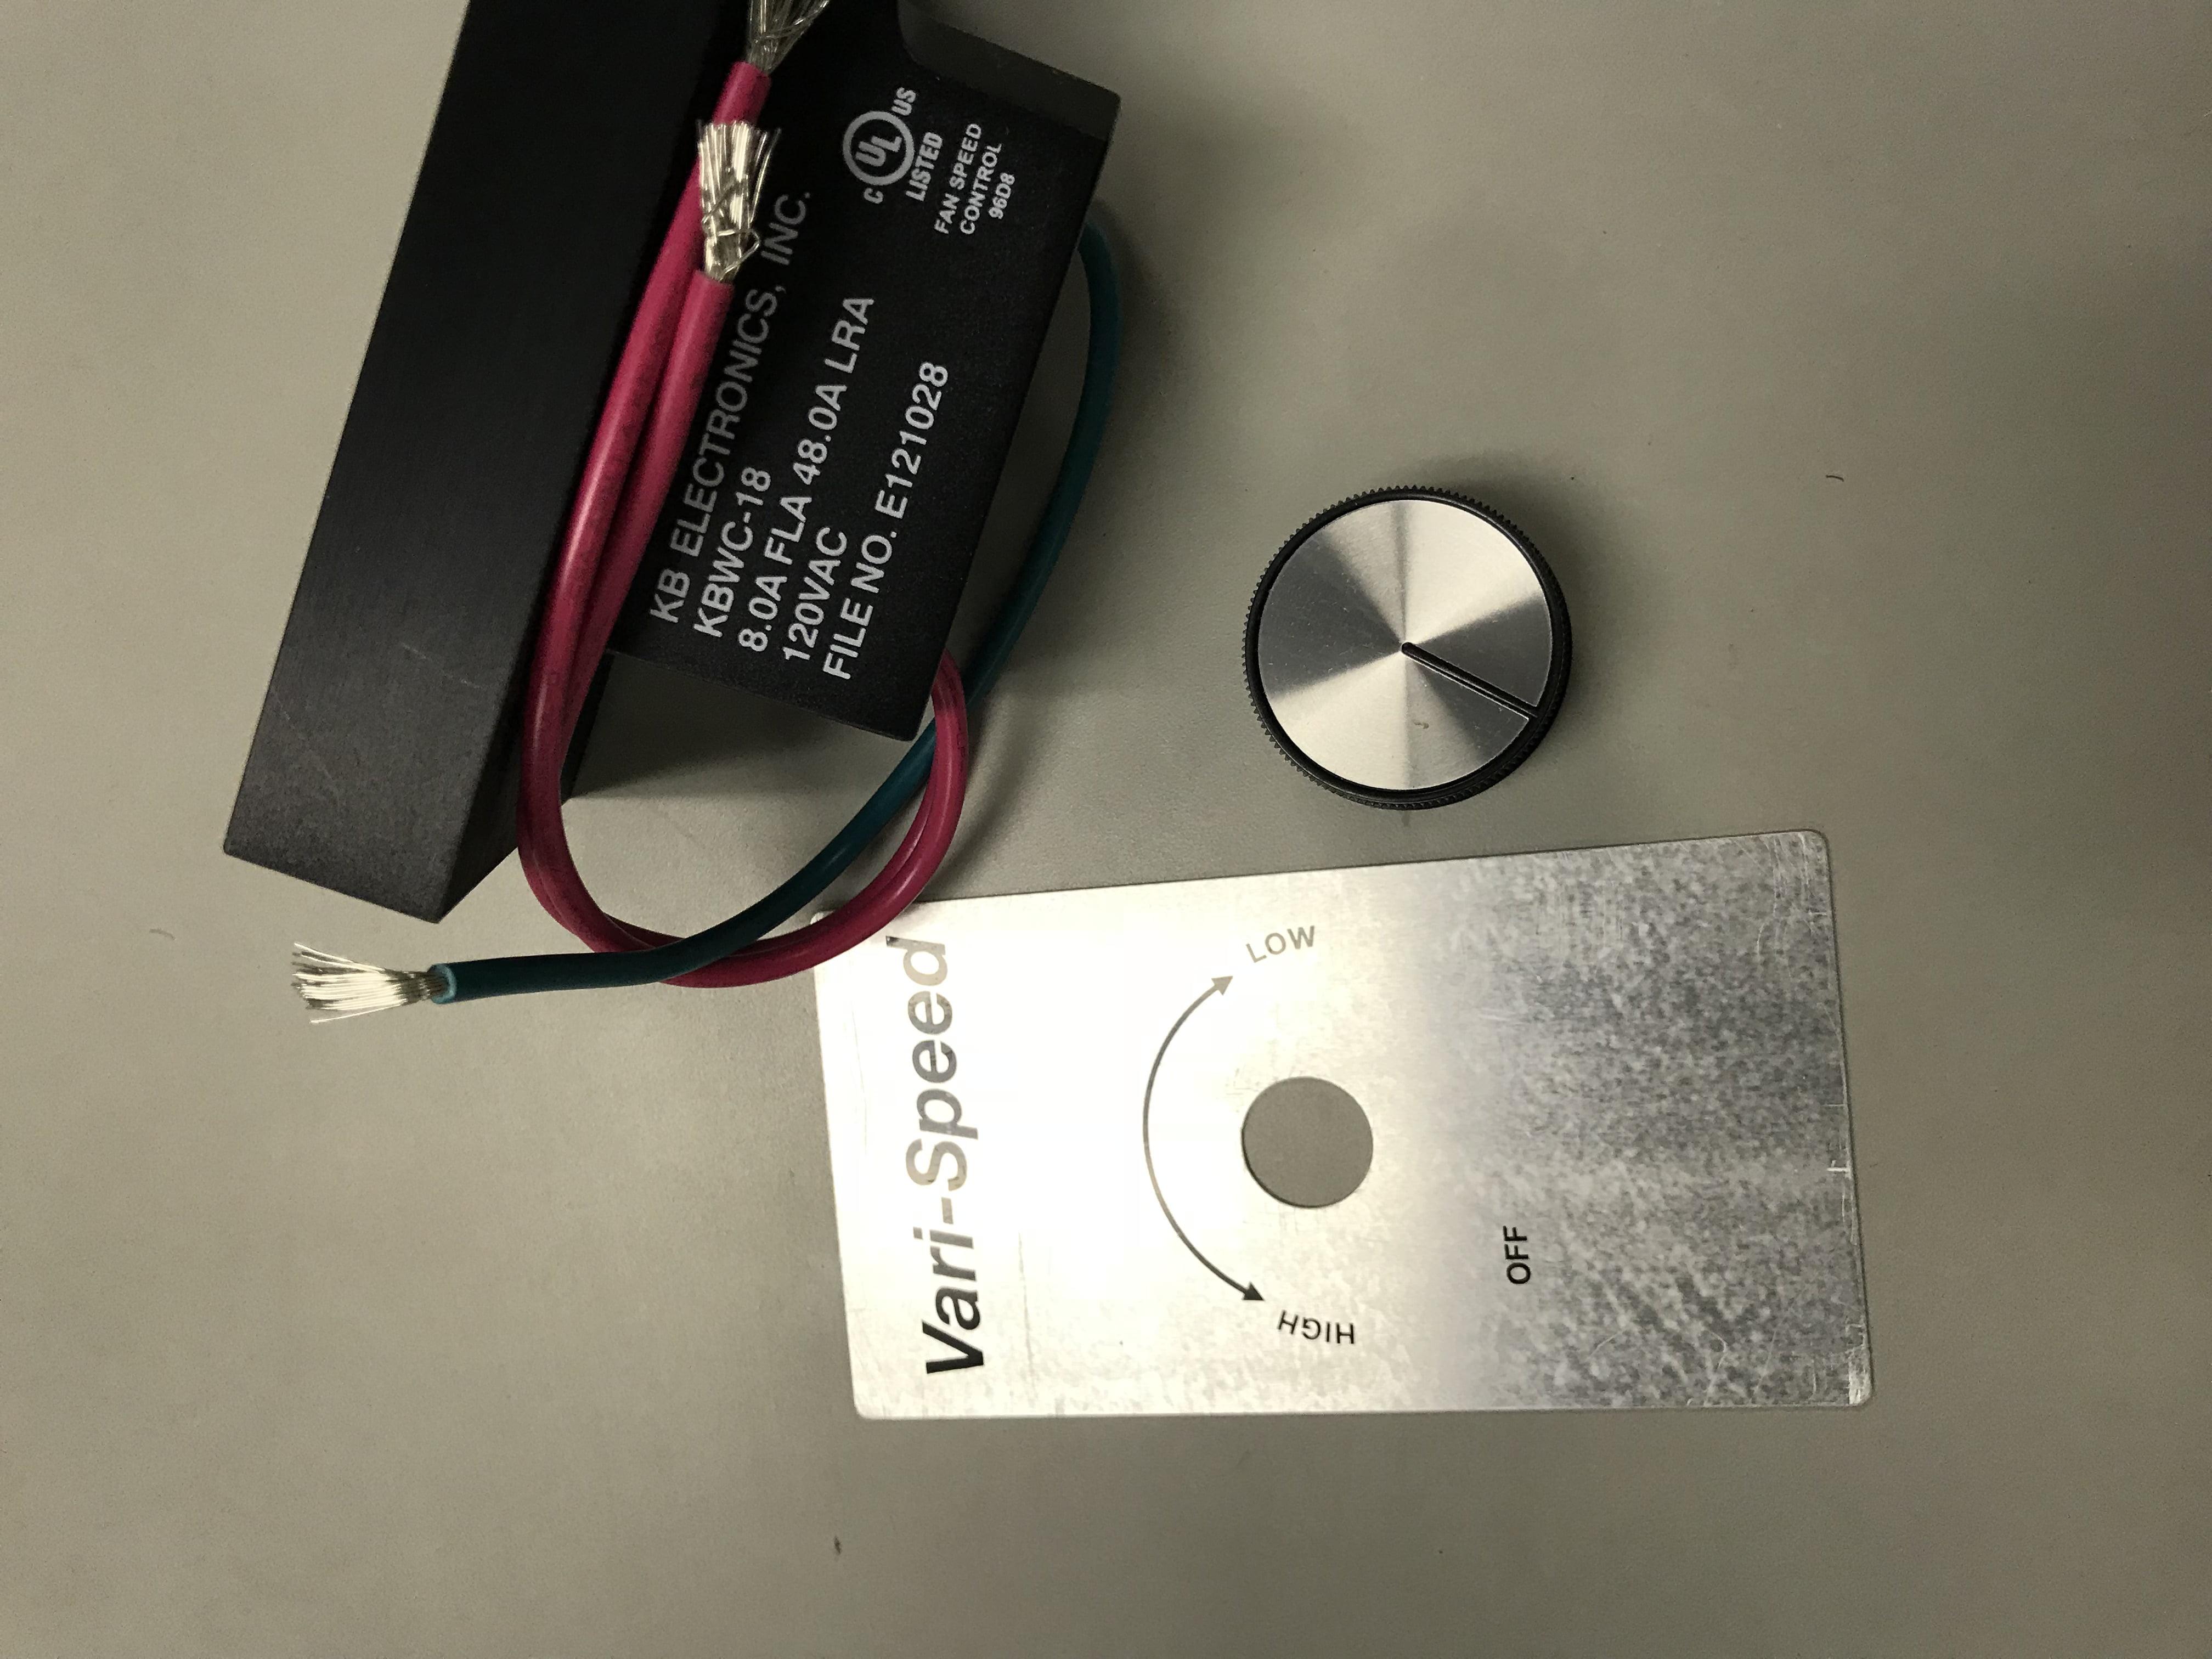 kbwc 18k h9011 8 0 amps 120 vac wall mount ac fan motor rh walmart com